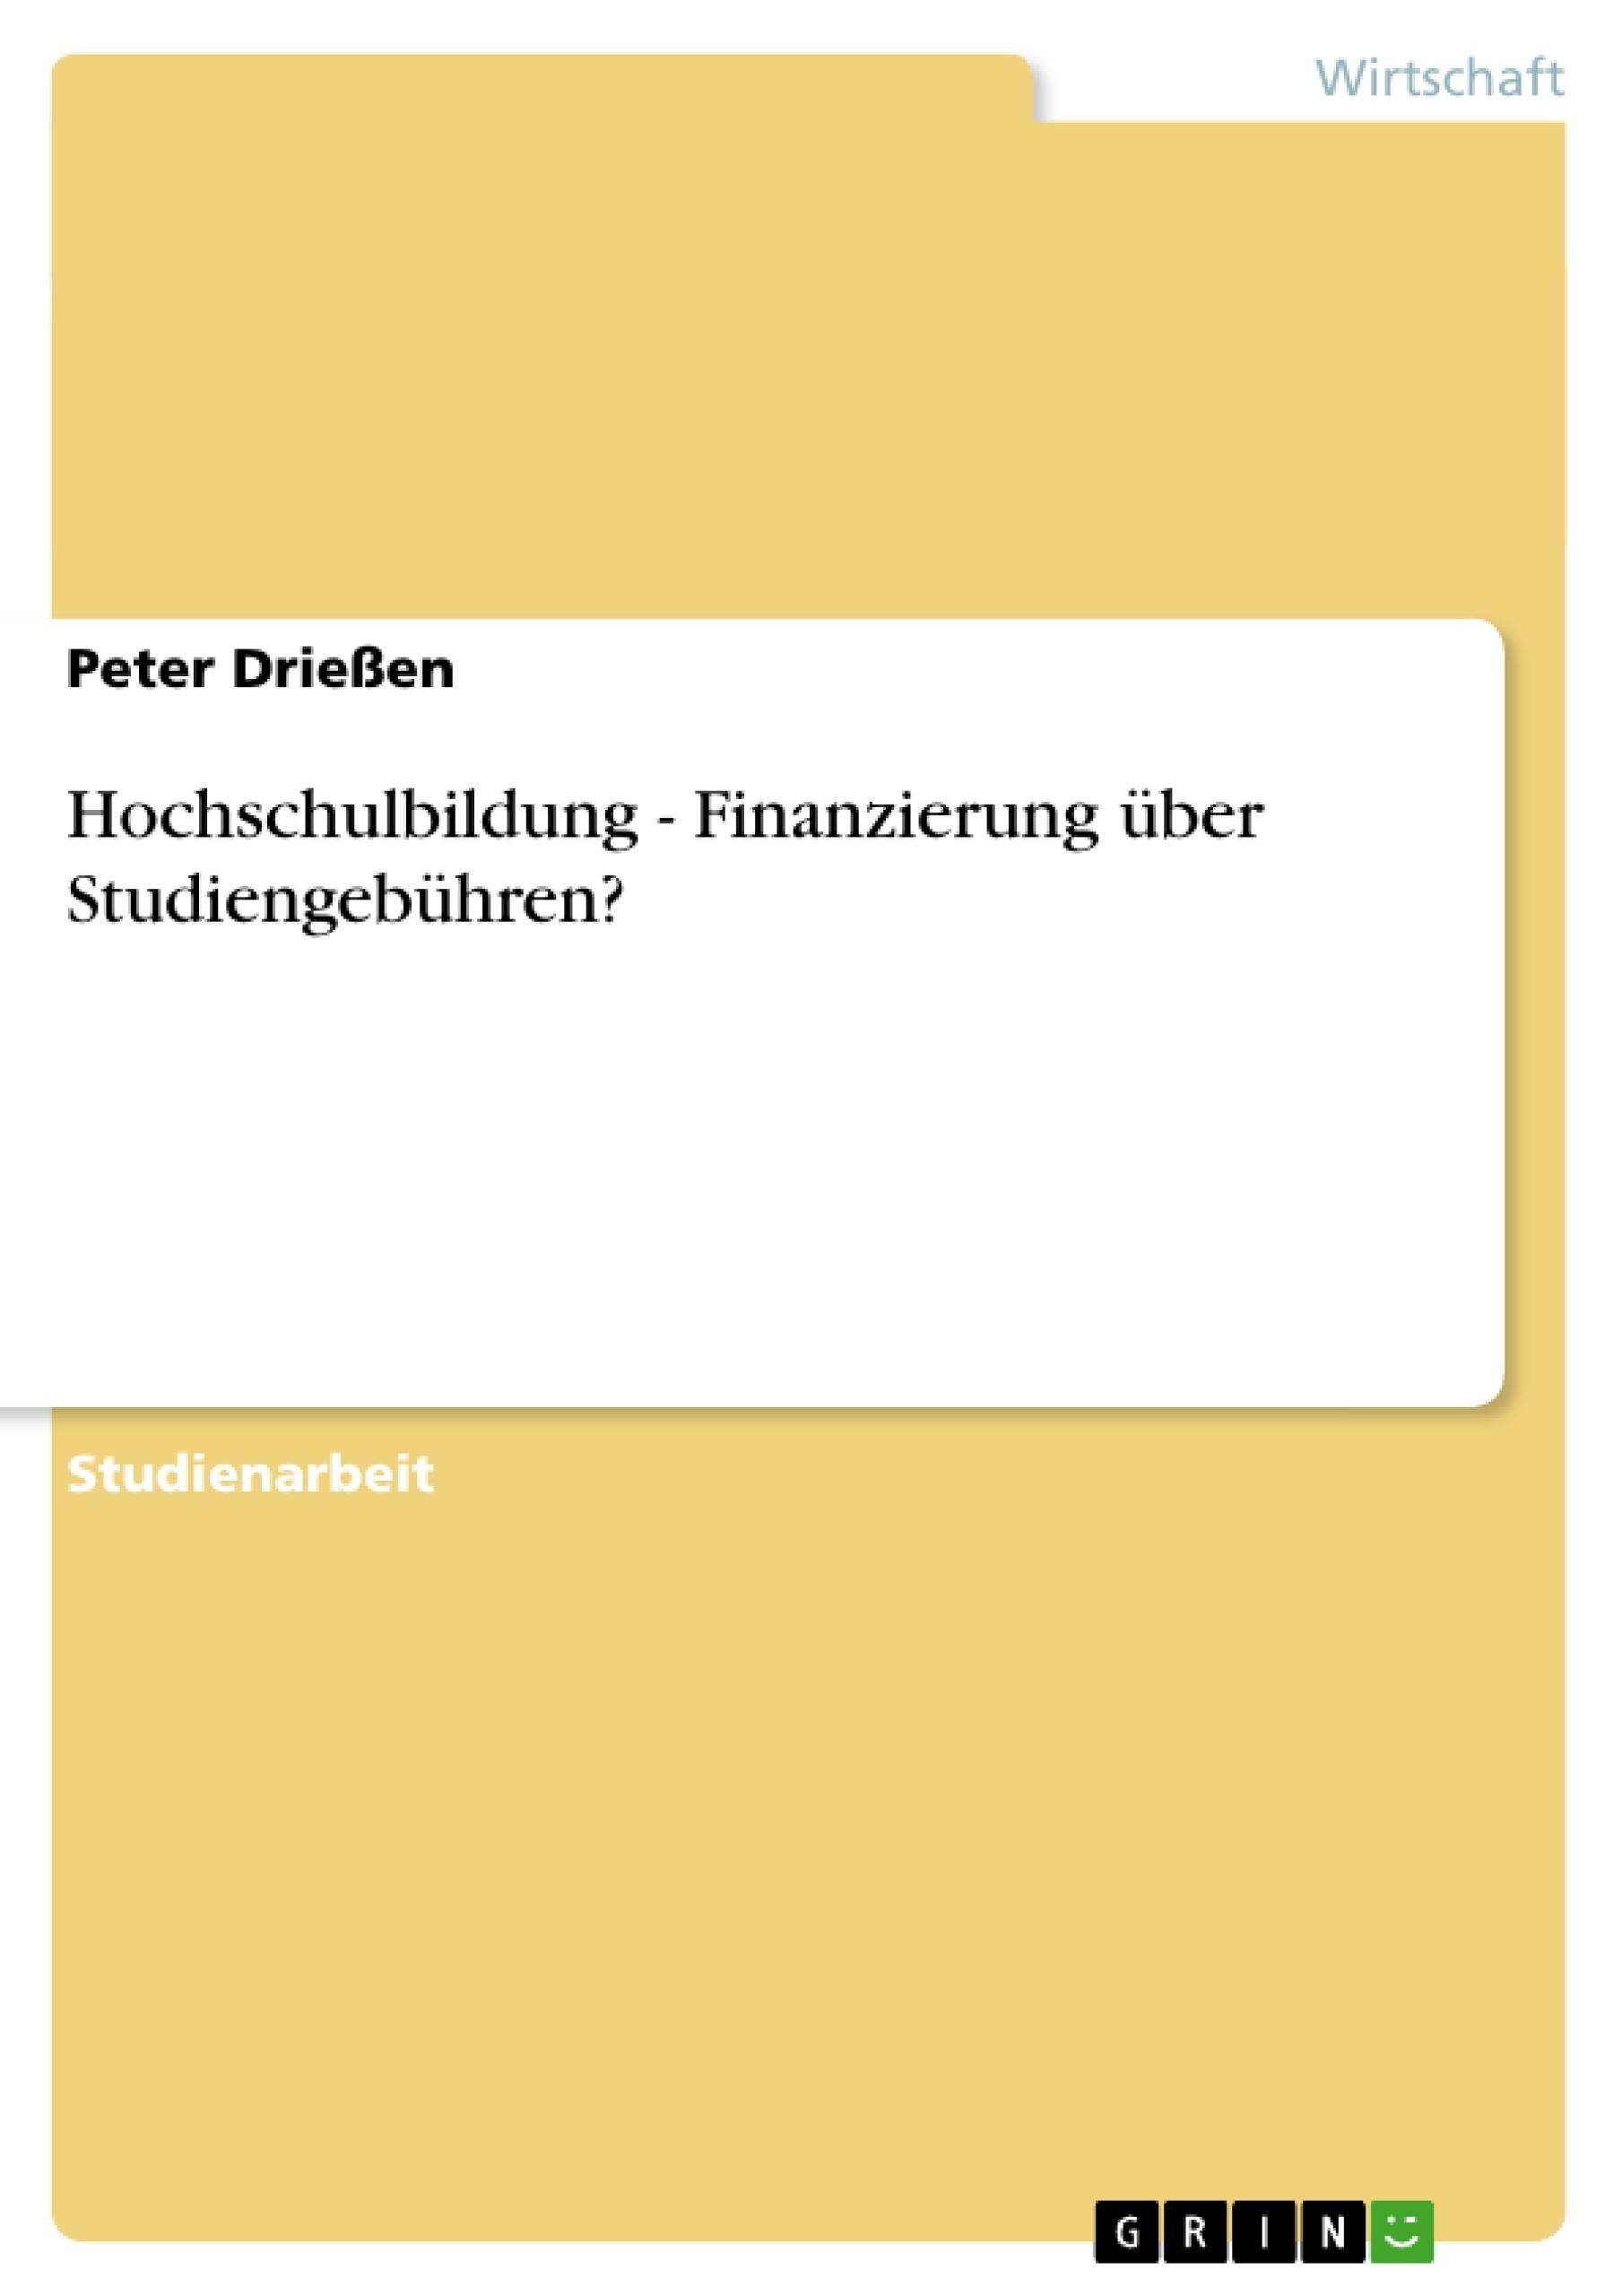 Titel: Hochschulbildung - Finanzierung über Studiengebühren?